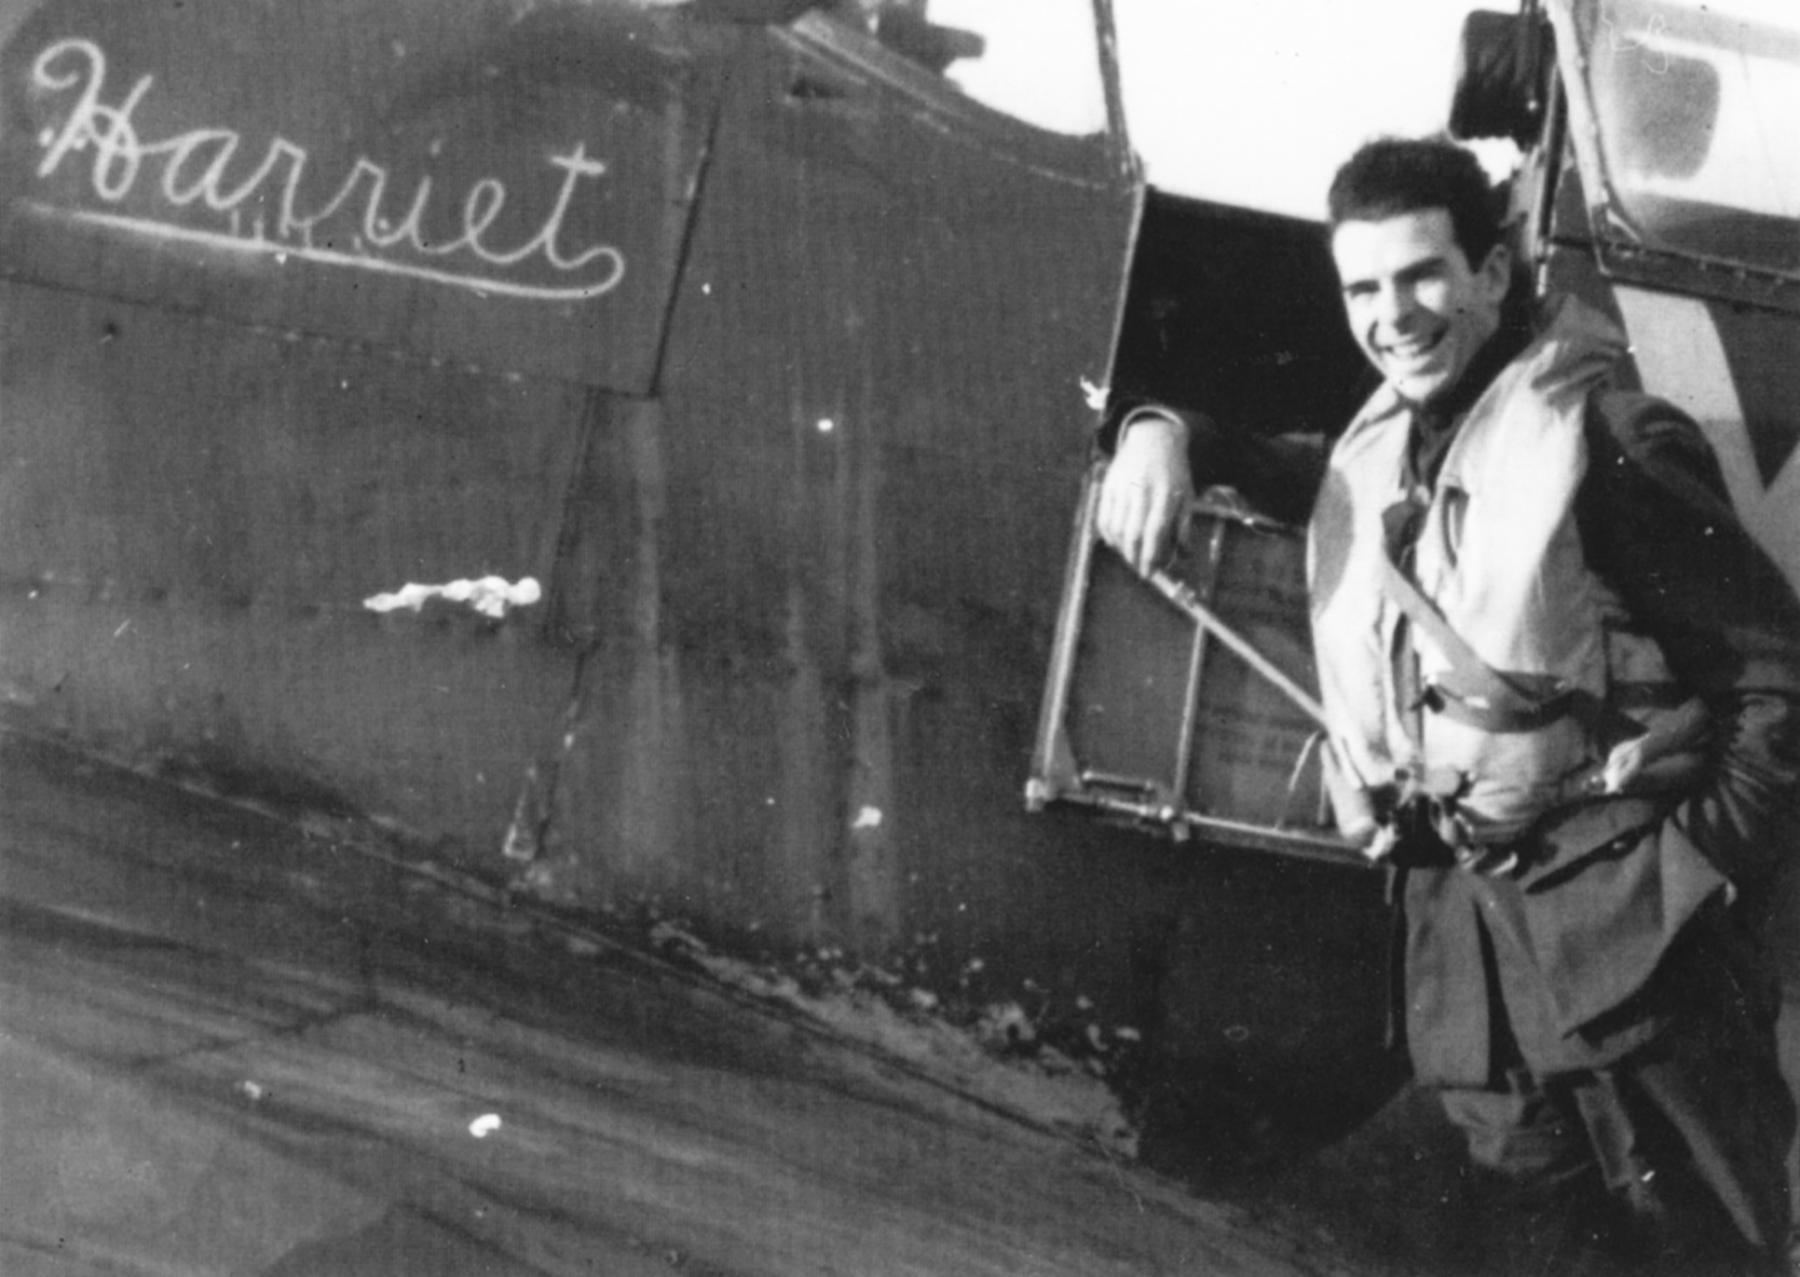 Spitfire MkVb RCAF 401Sqn YOP Hank Sprague AD451 named Harriet England Jul 1942 01